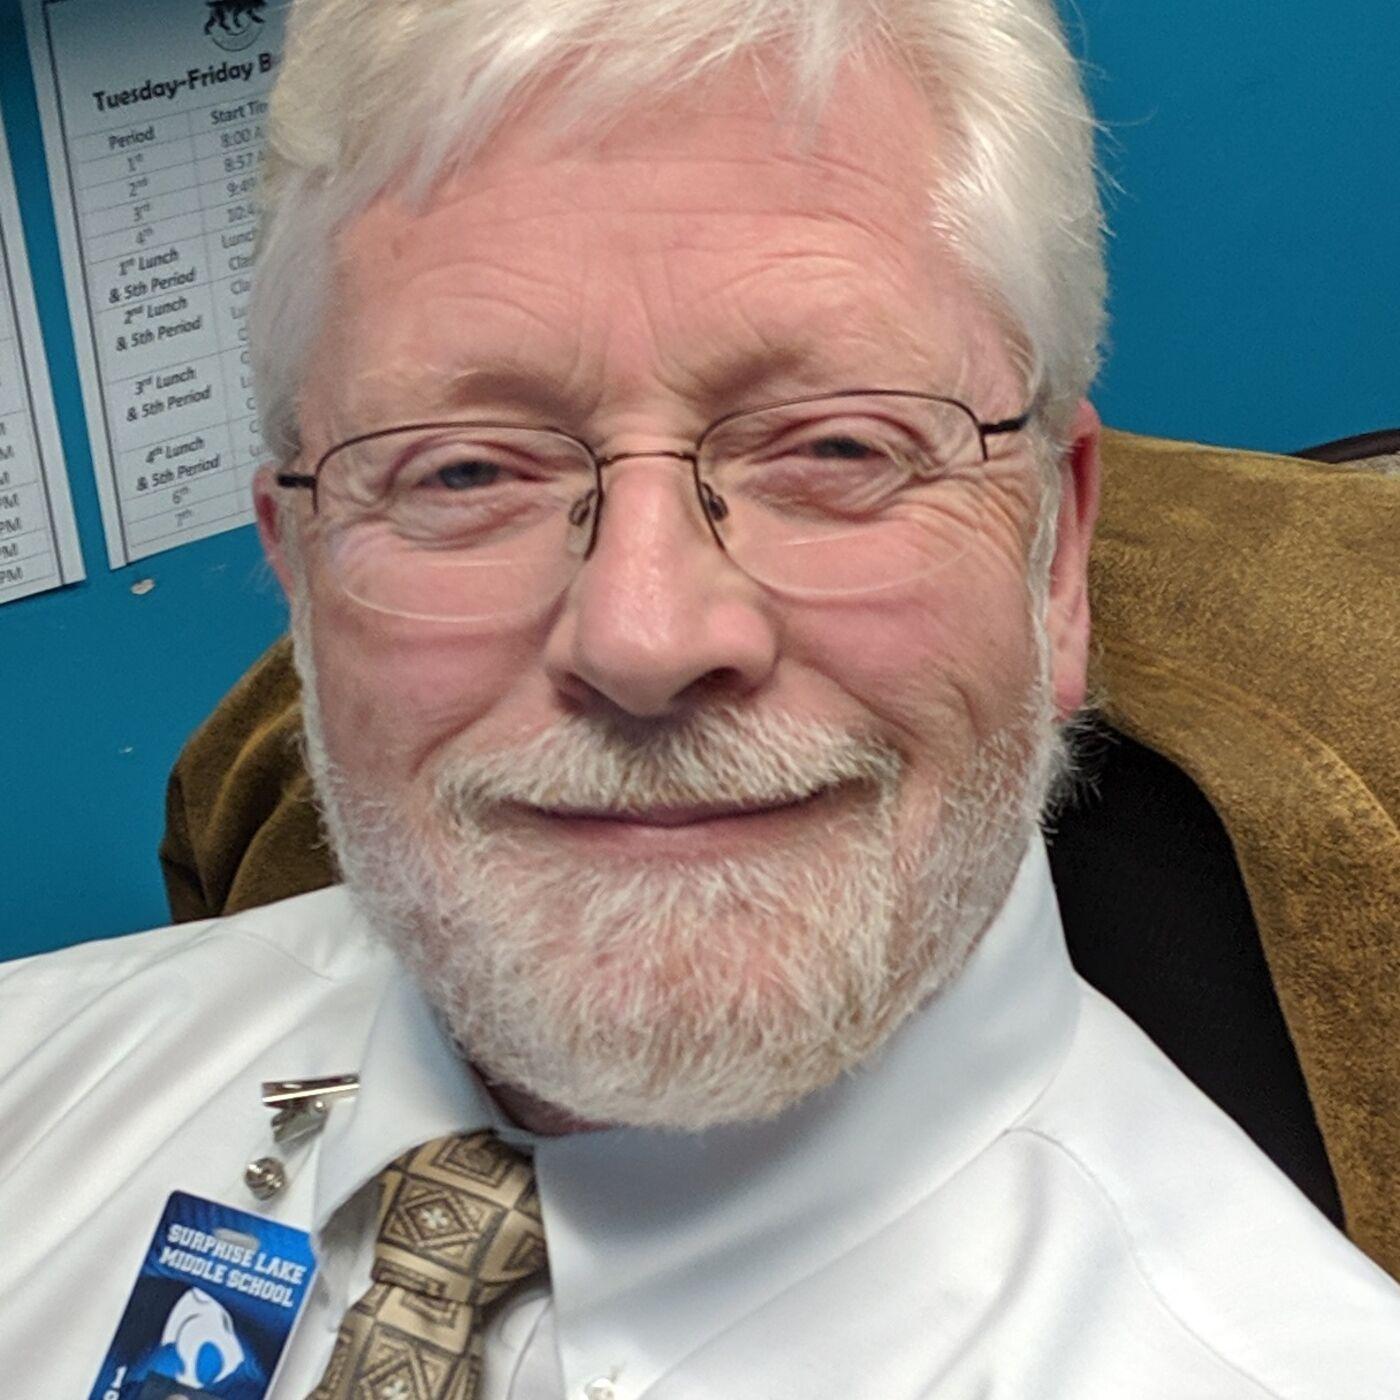 Mr. Neufeld